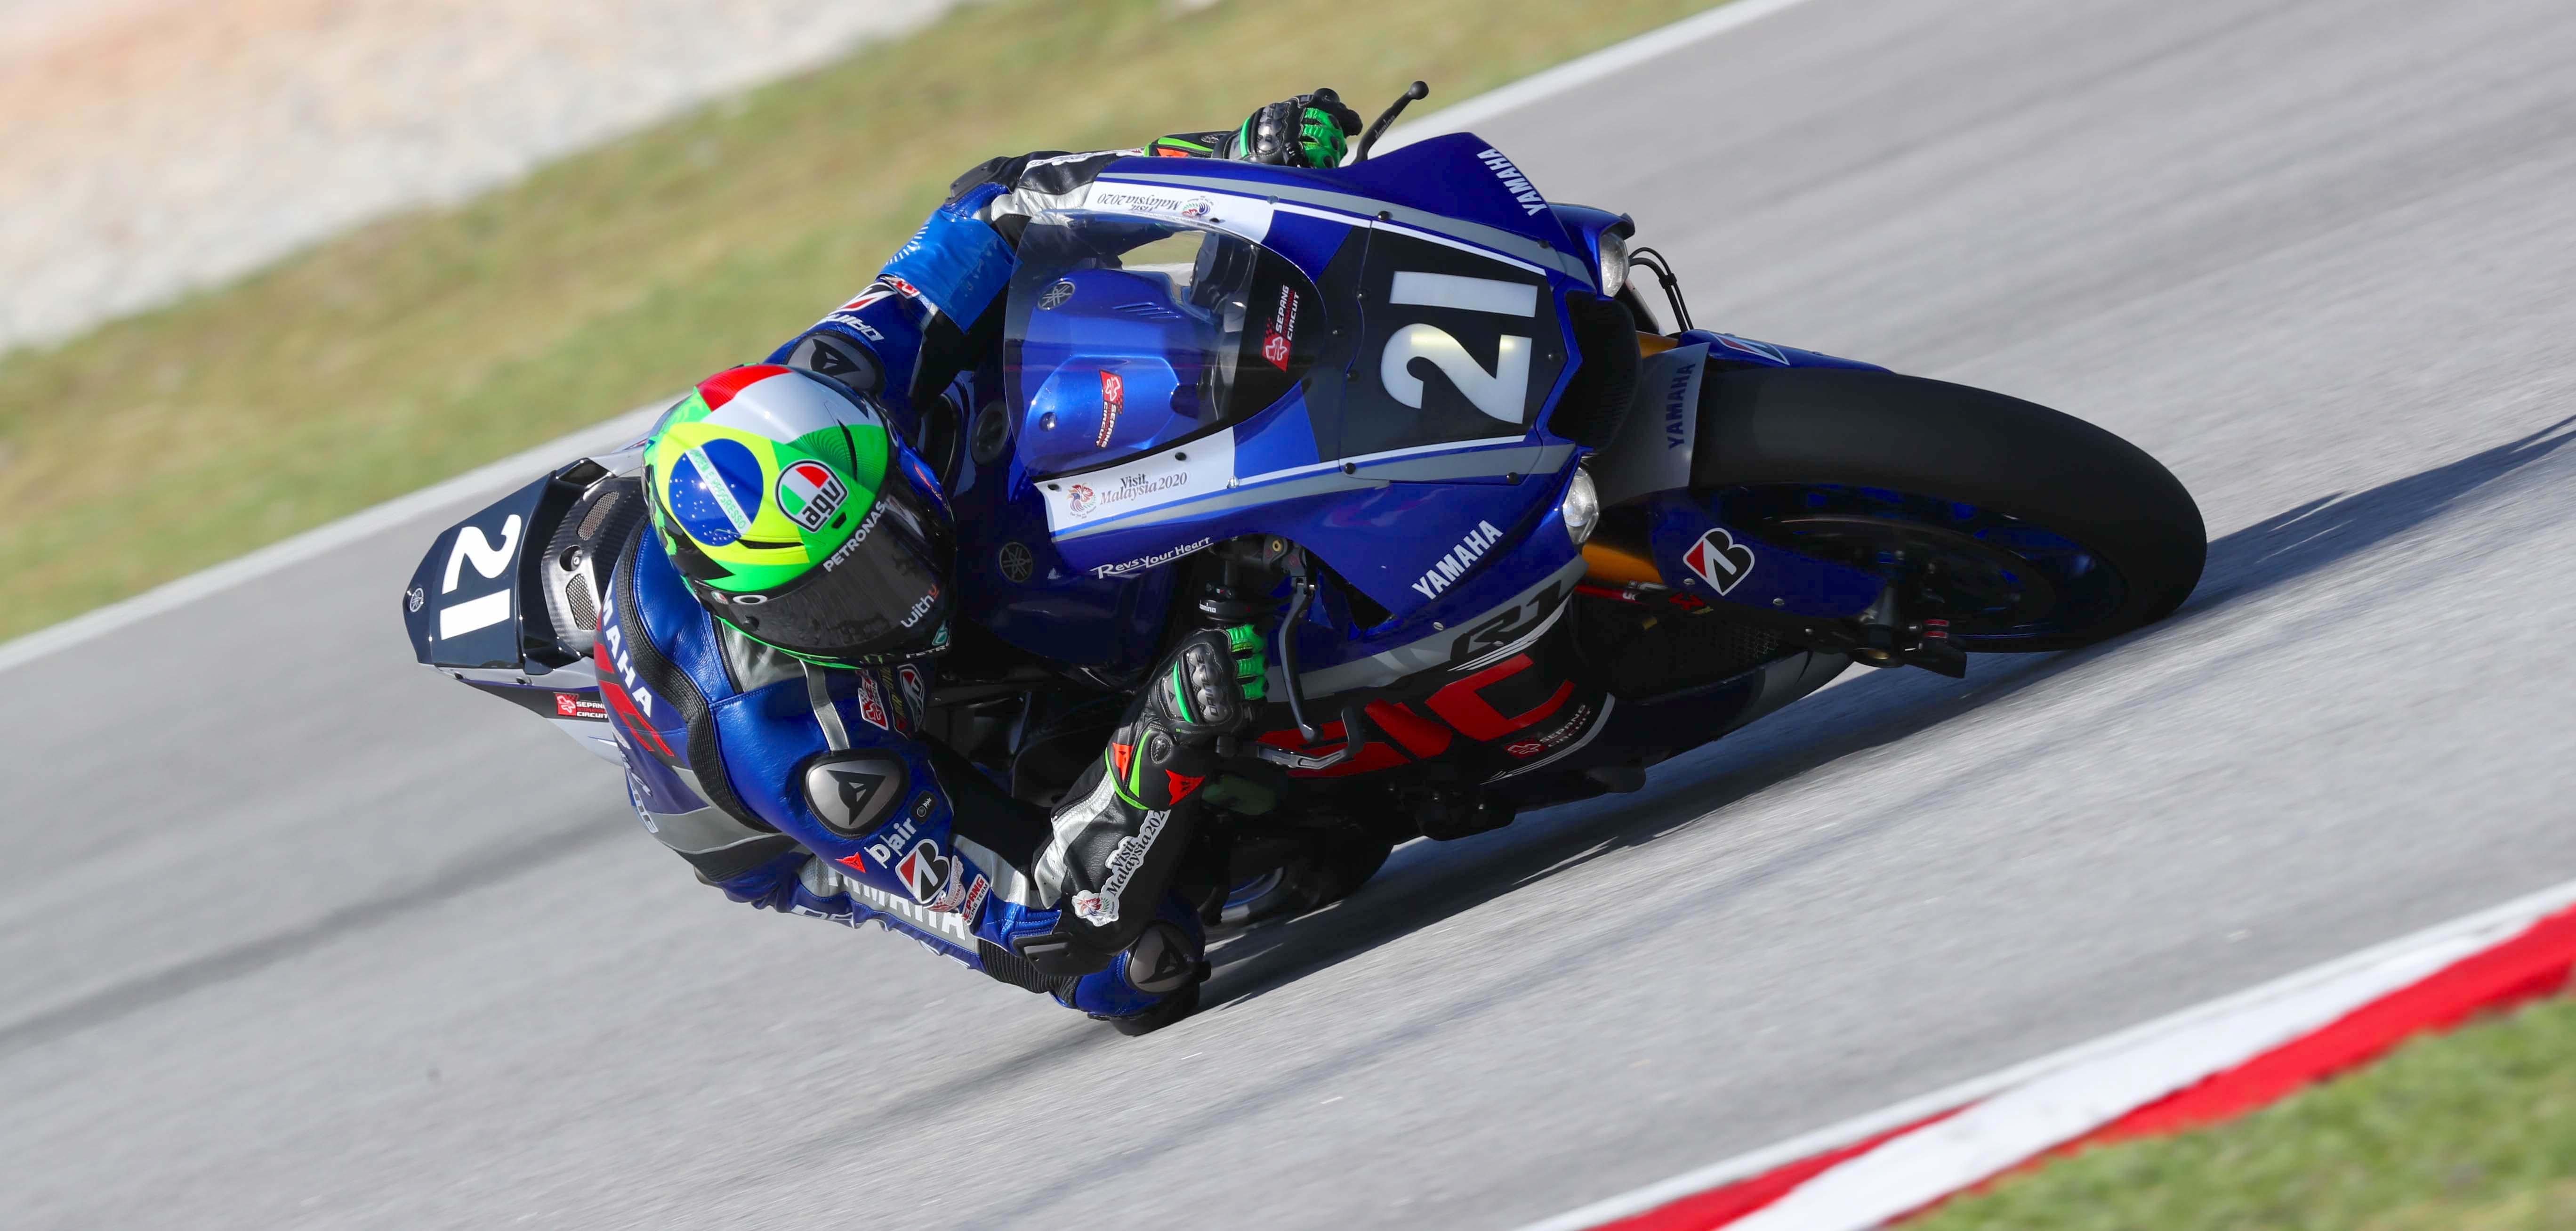 Yamaha Sepang Racing on provisional pole